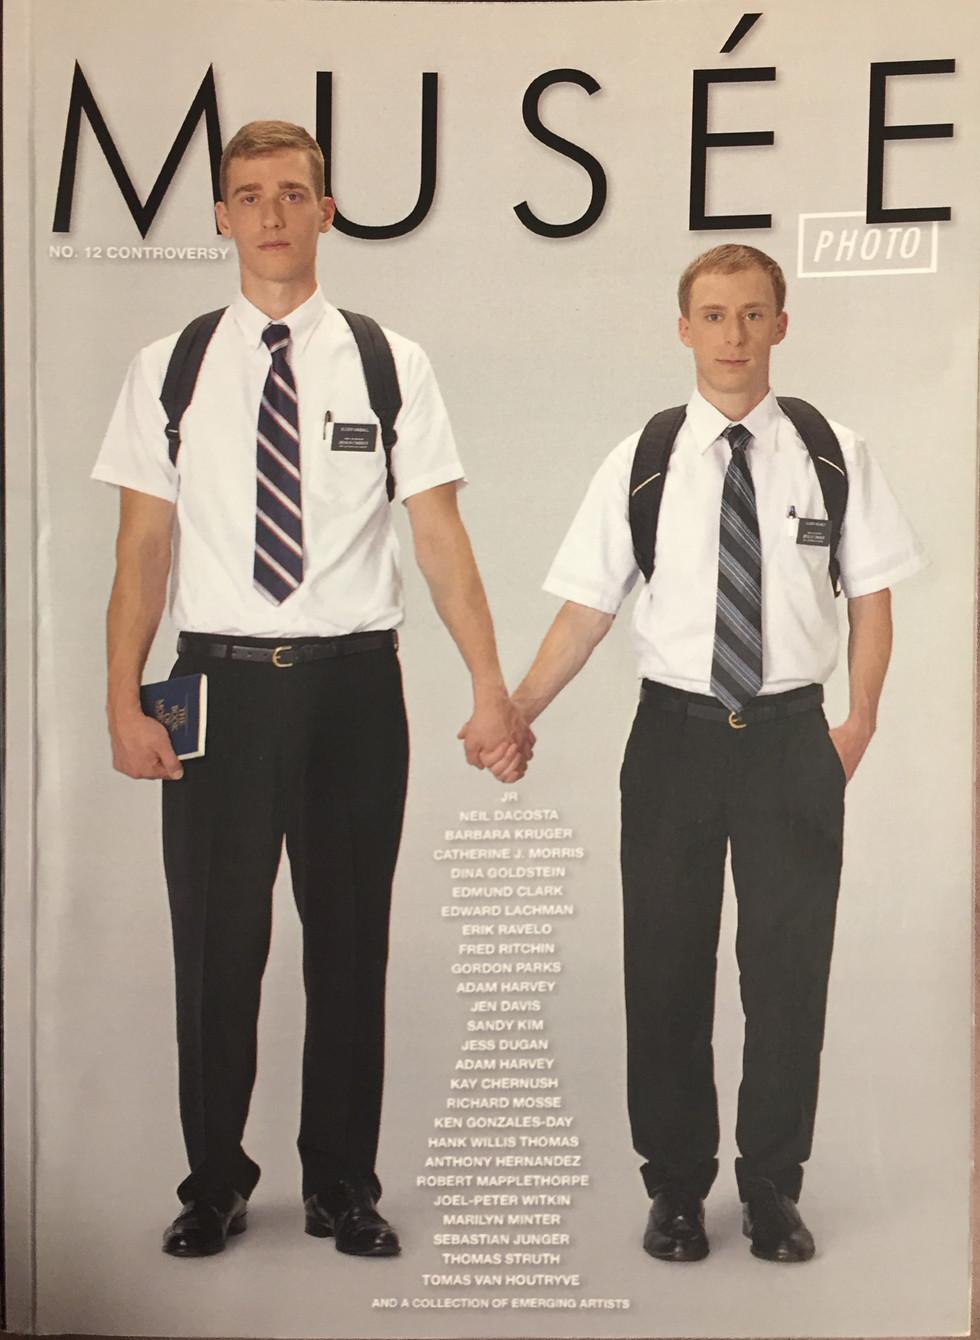 Musee Magazine #12